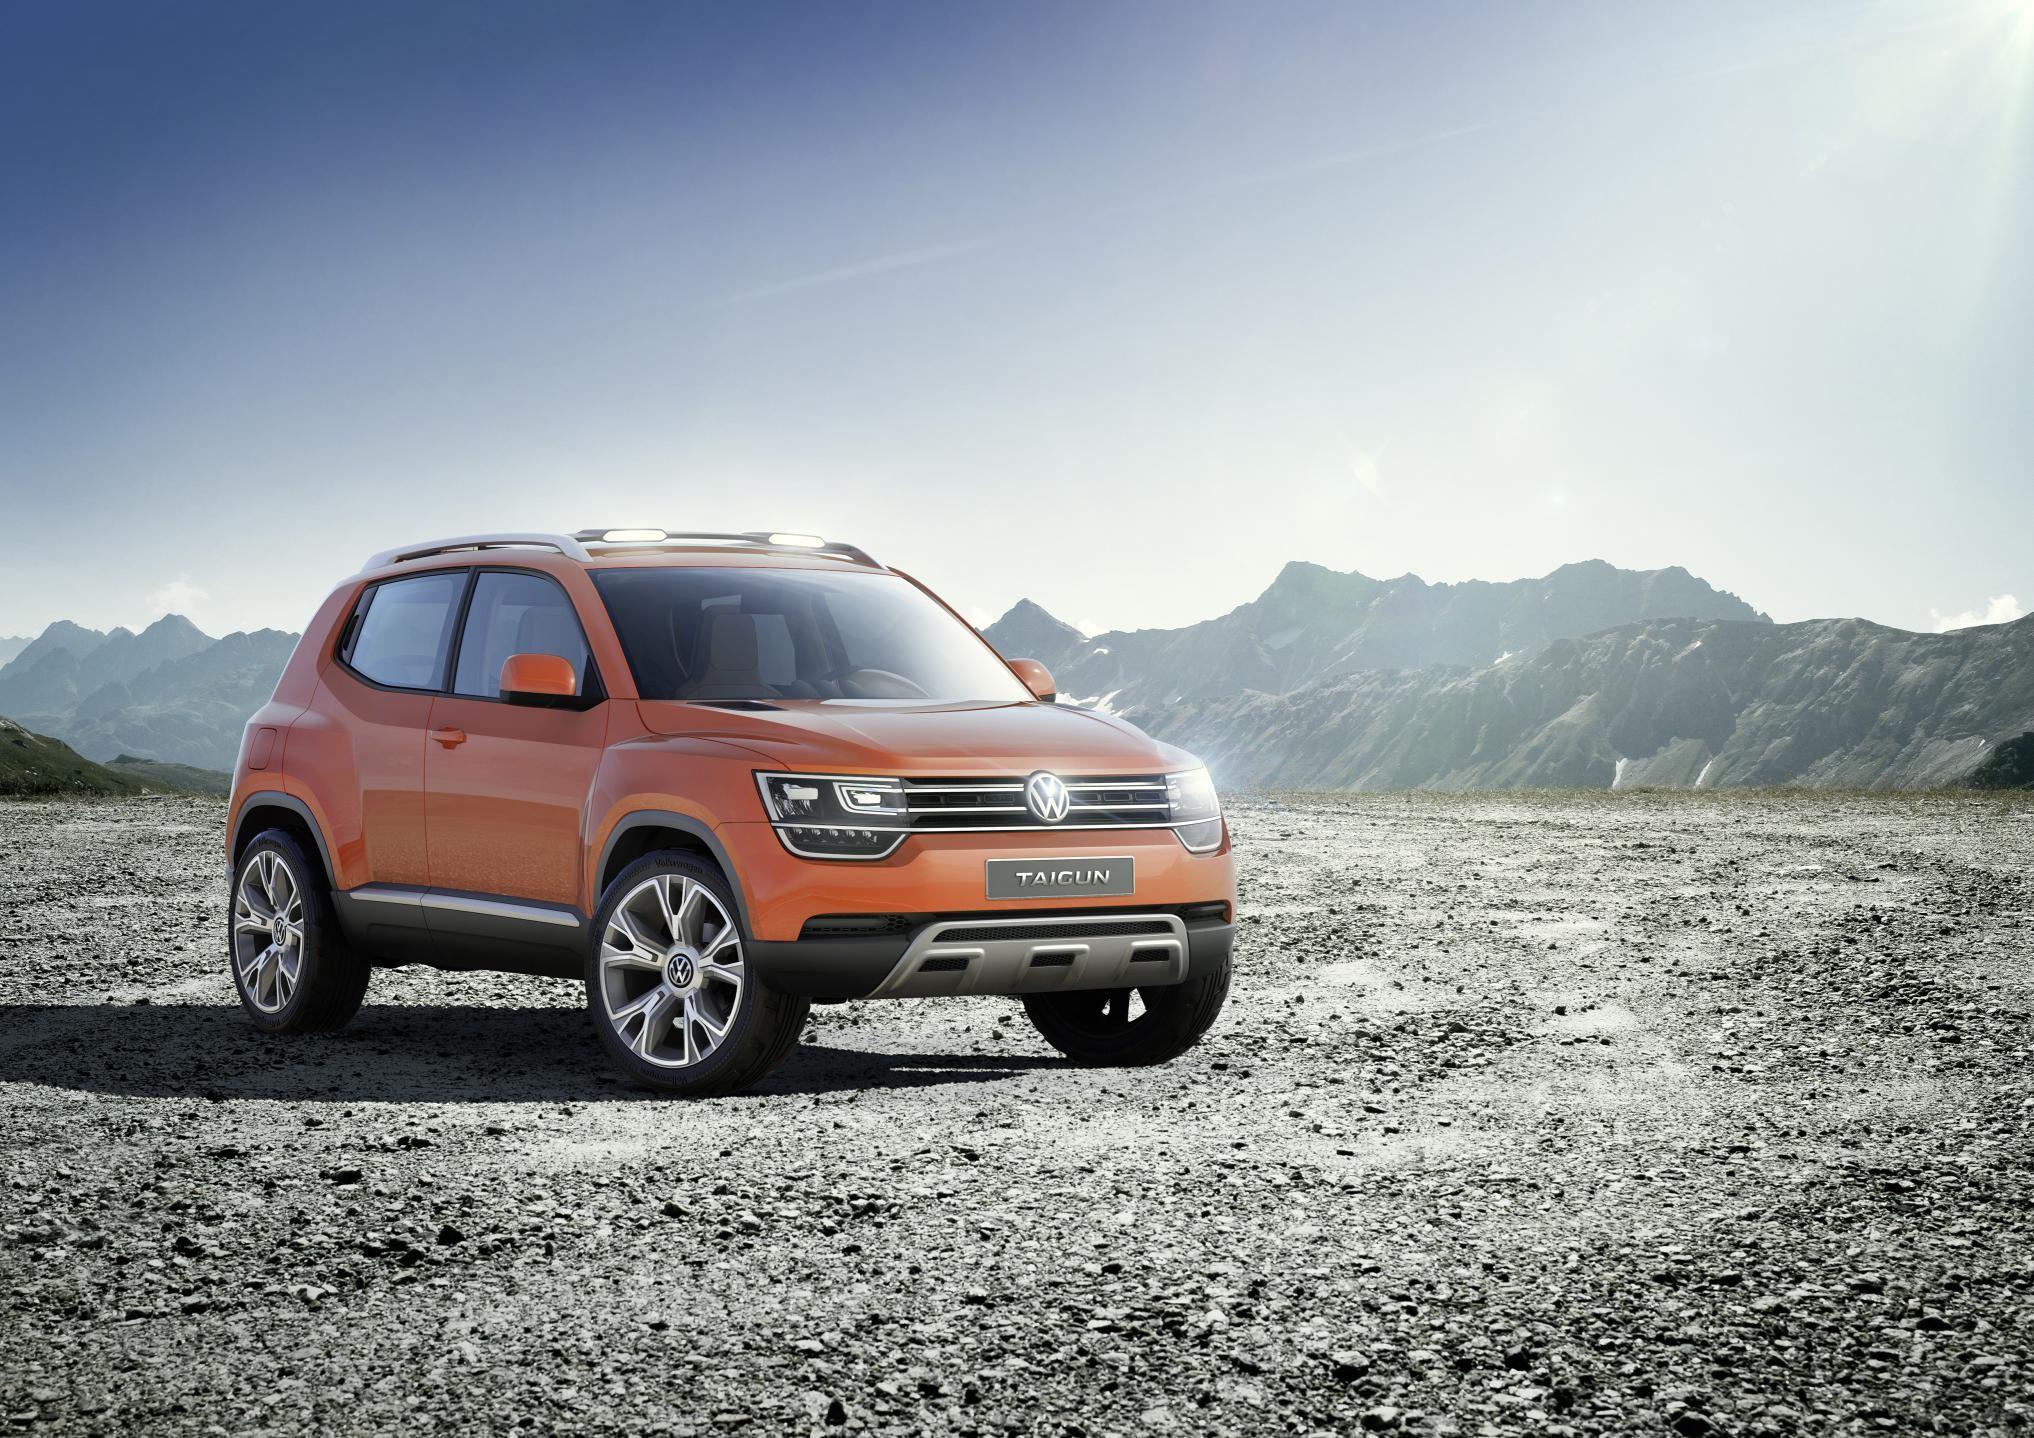 Volkswagen Taigun Almost Ready: Latest News